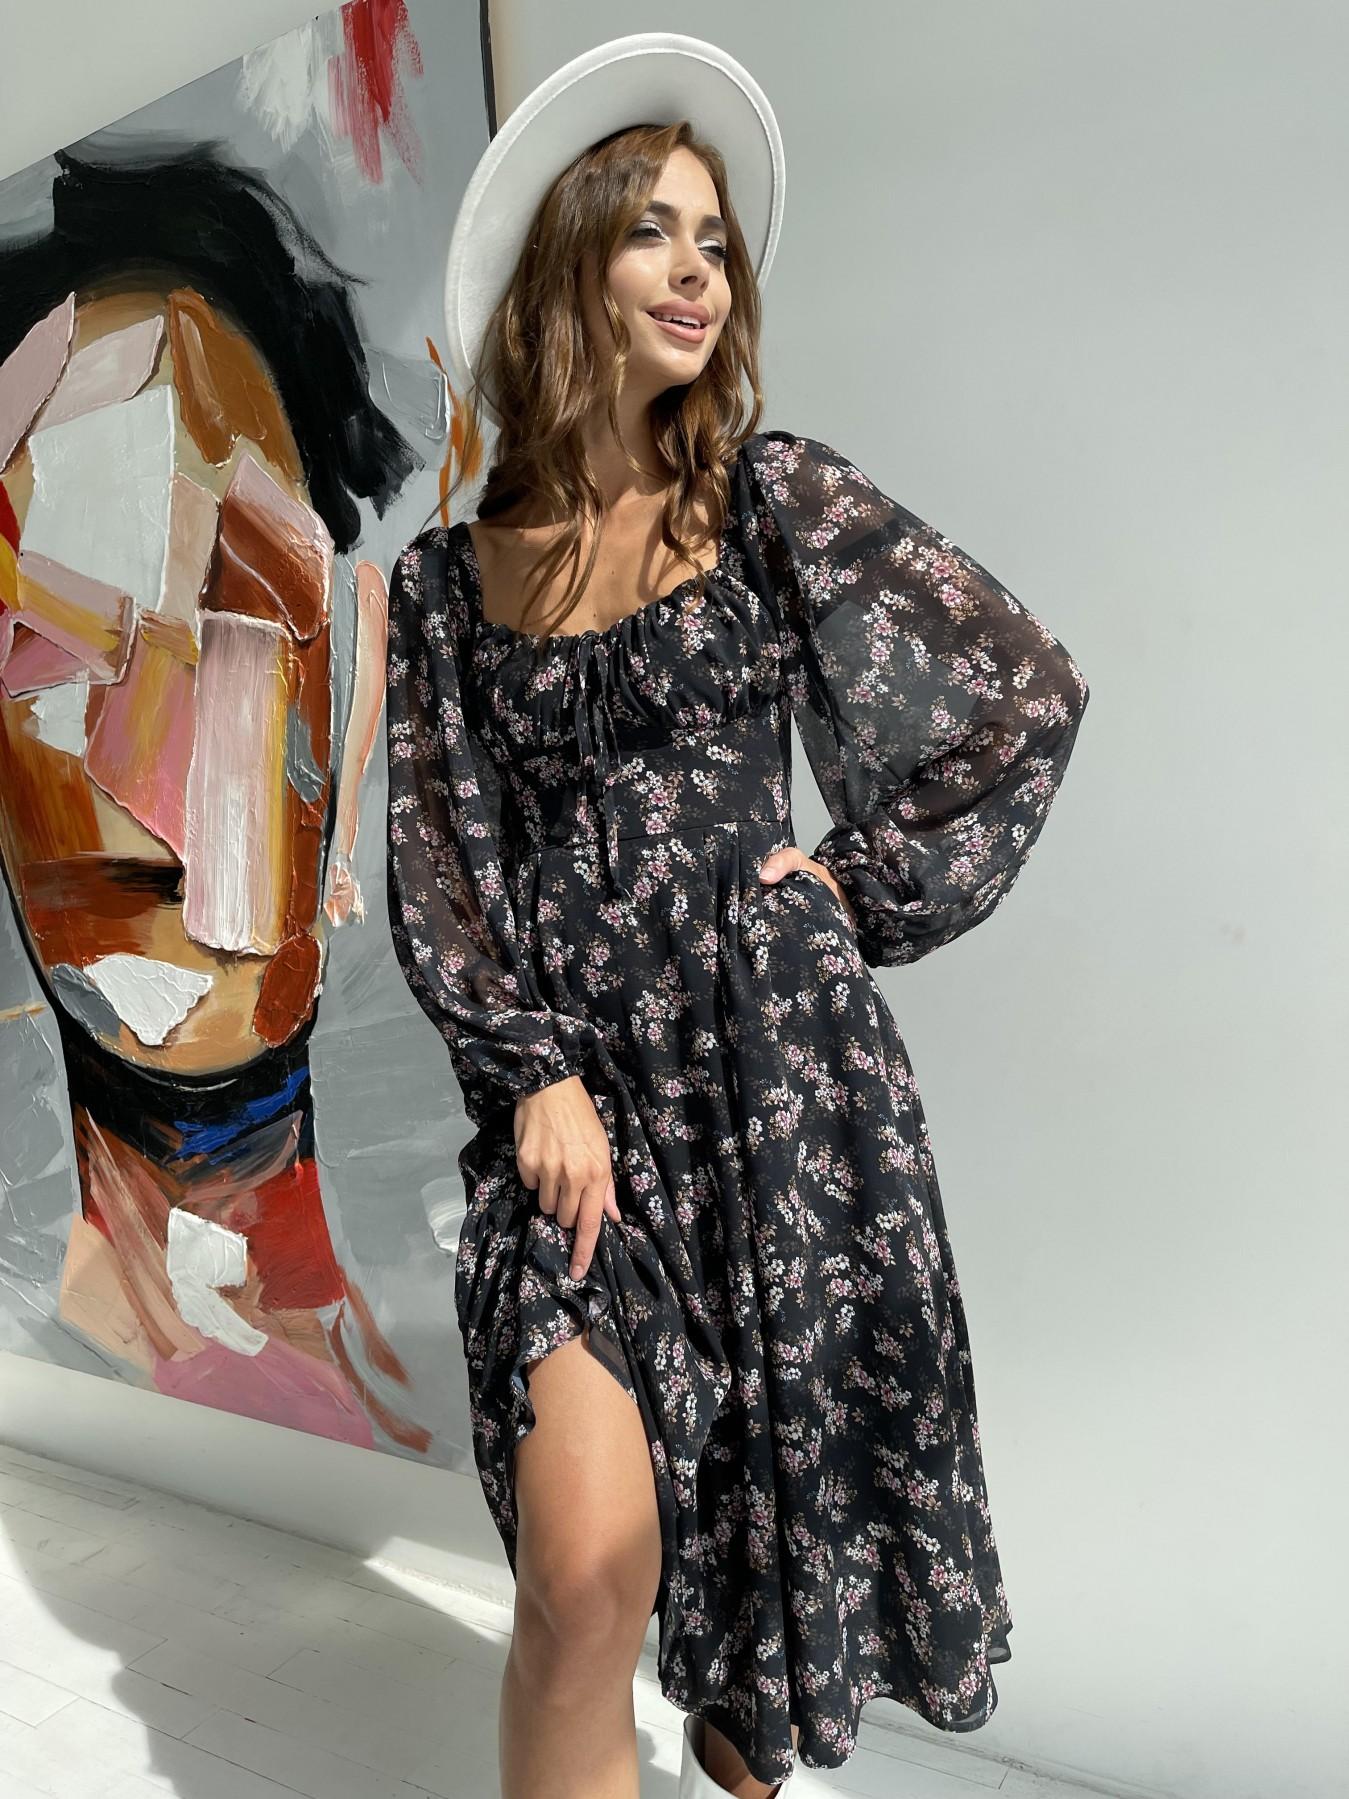 Купить платья оптом Украина Кисес платье из шифона с цветочным принтом 11774